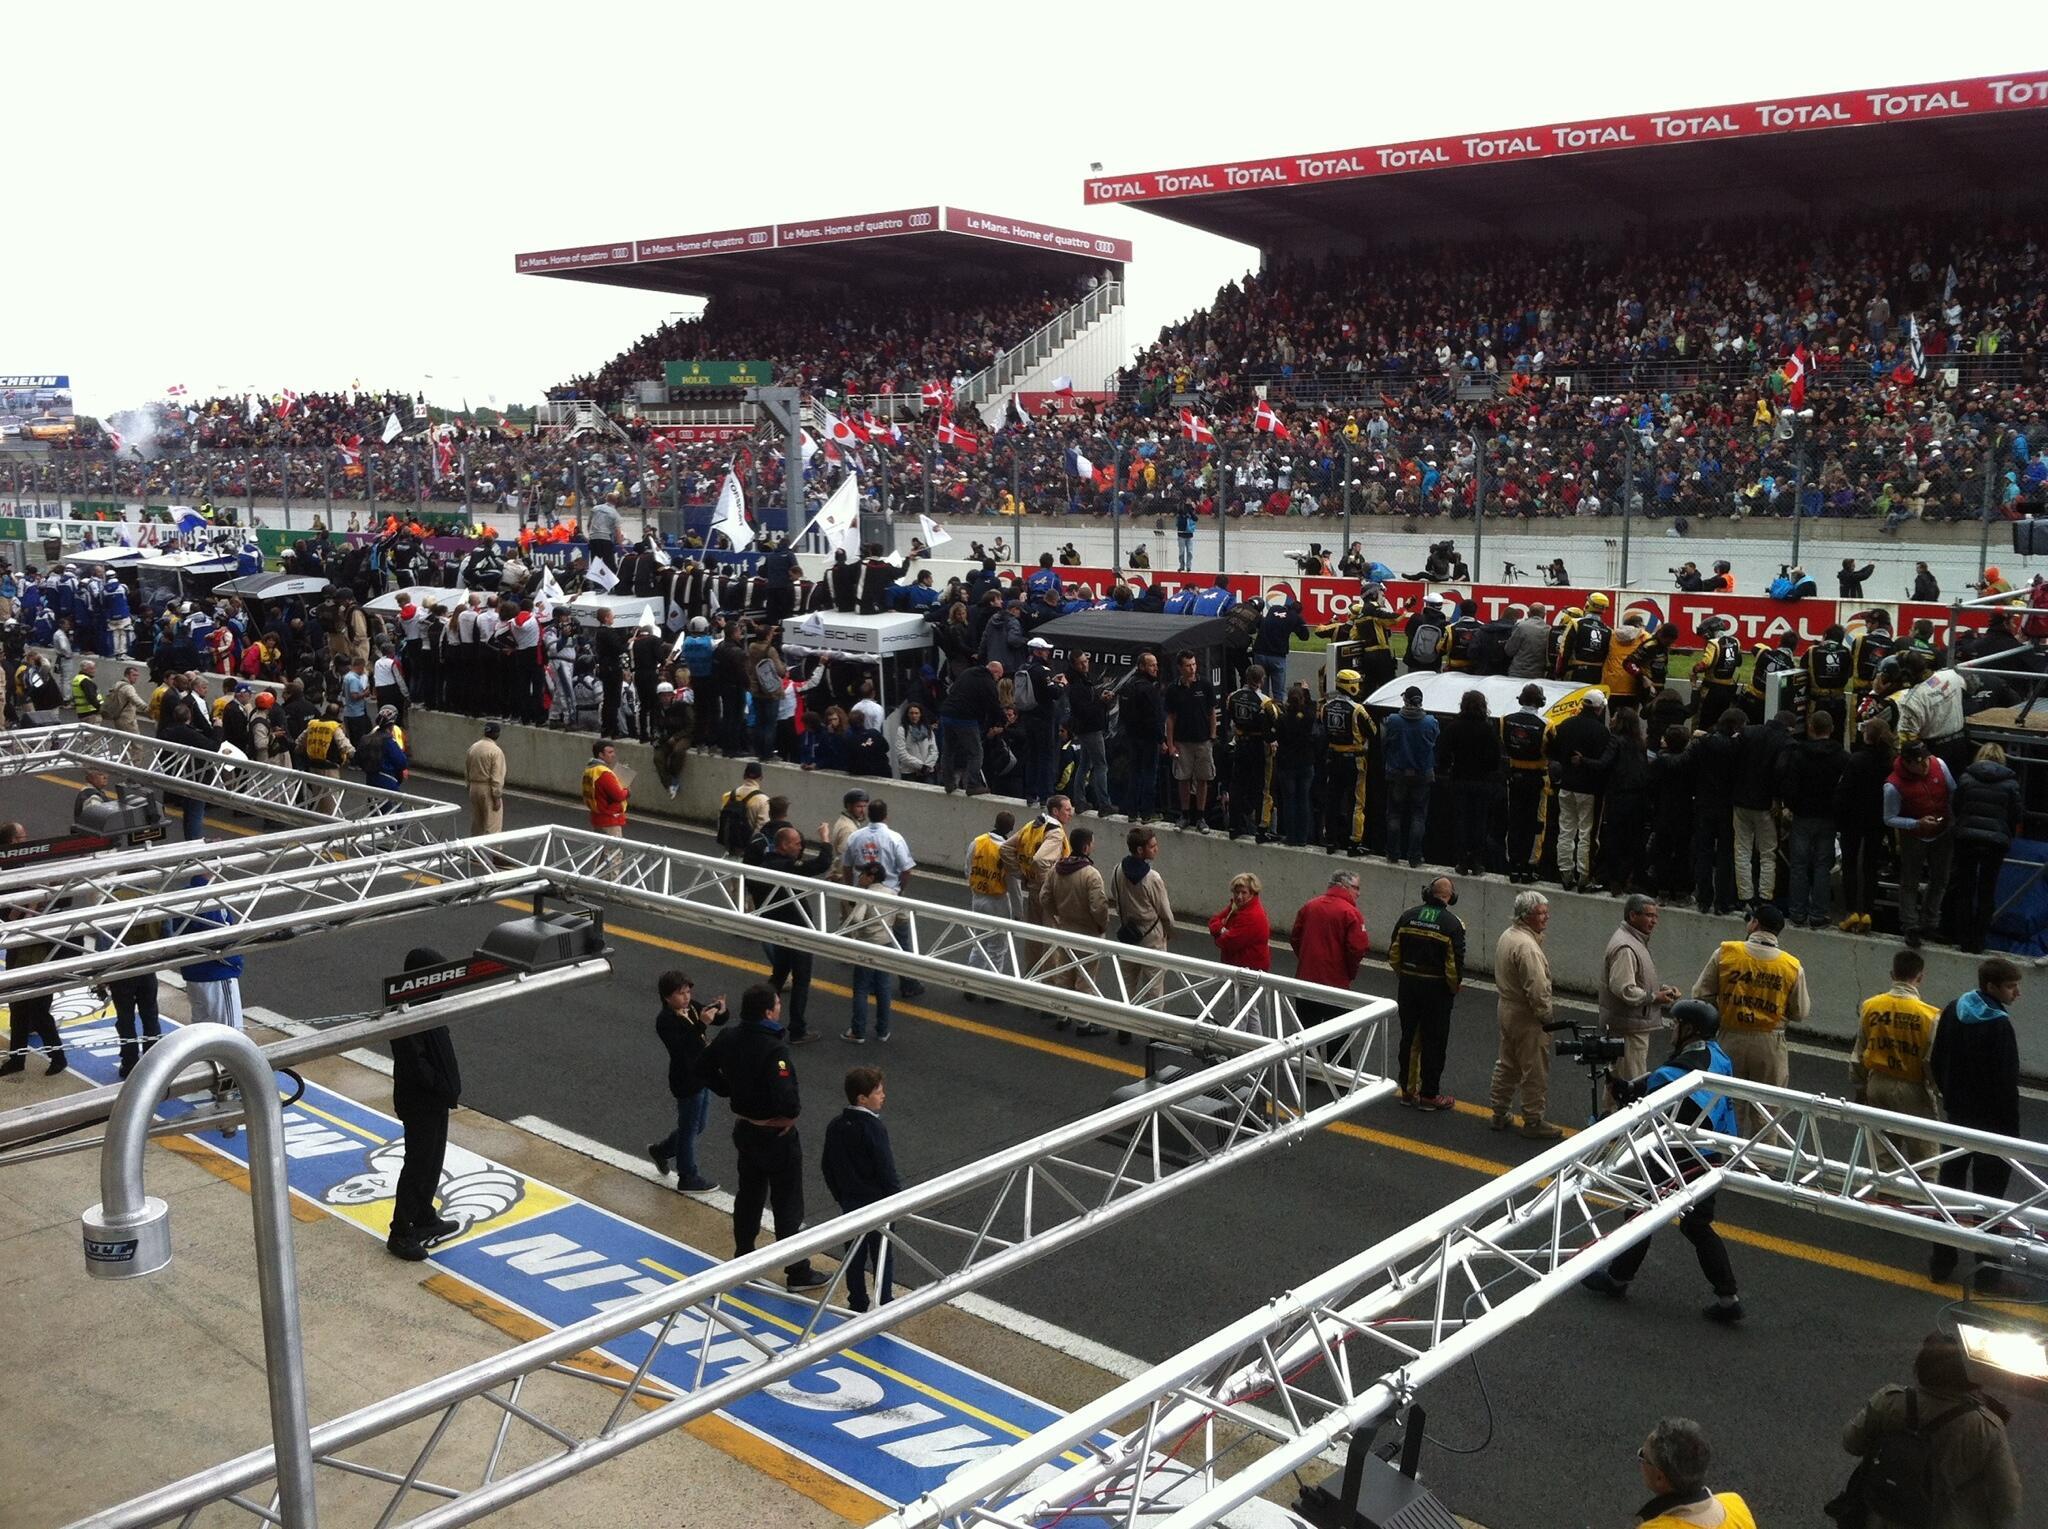 RT @MarieDeclercq: Les teams envahissent la pitlane !! Fin des 24h du Mans ! #24LM http://t.co/ke3KXDQad2